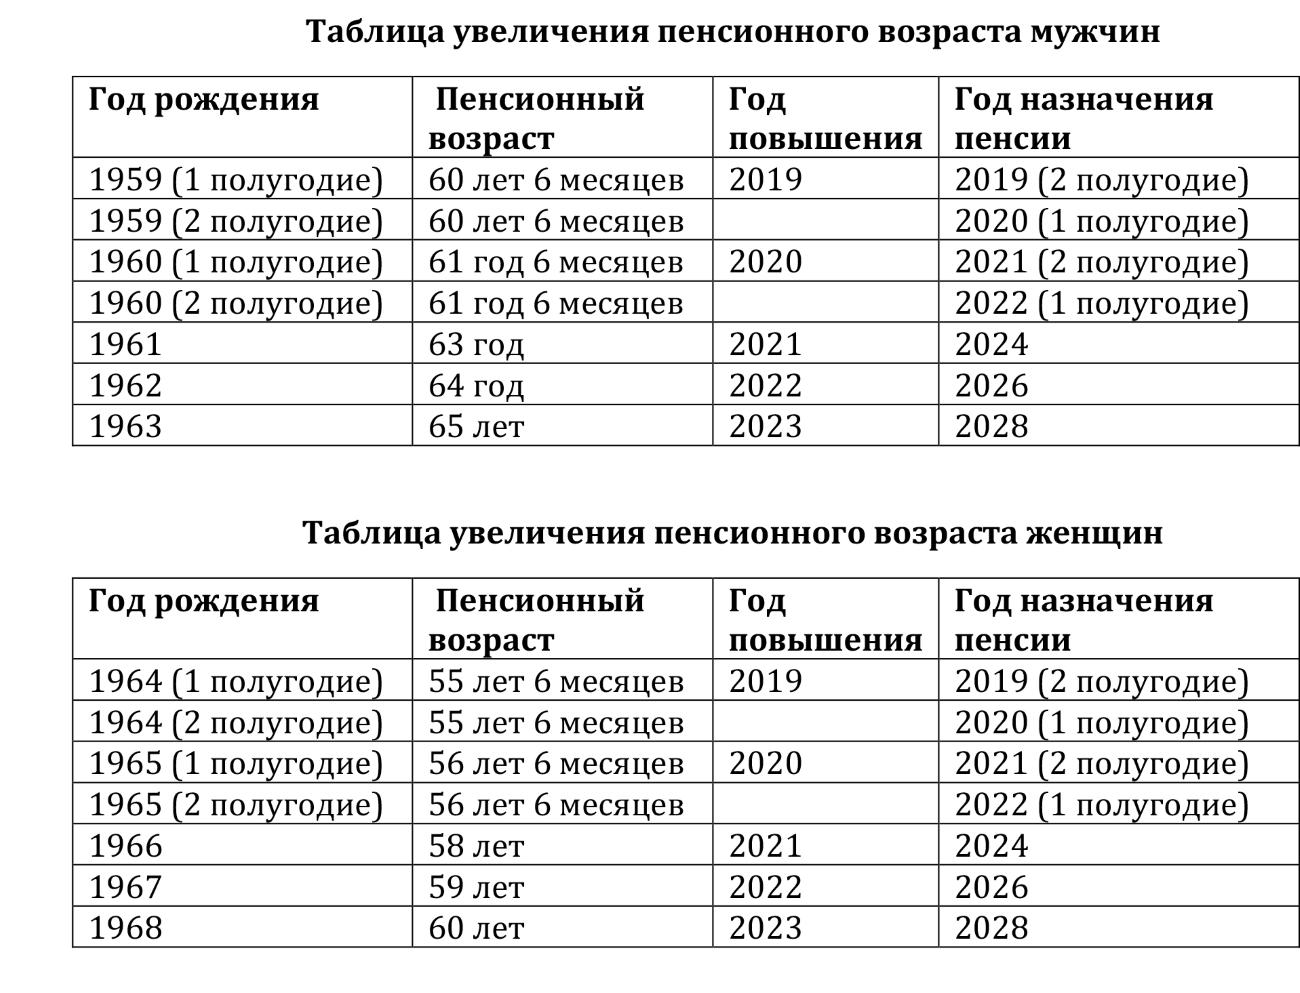 Расчет страховой пенсии пенсионным фондом в 2019 году